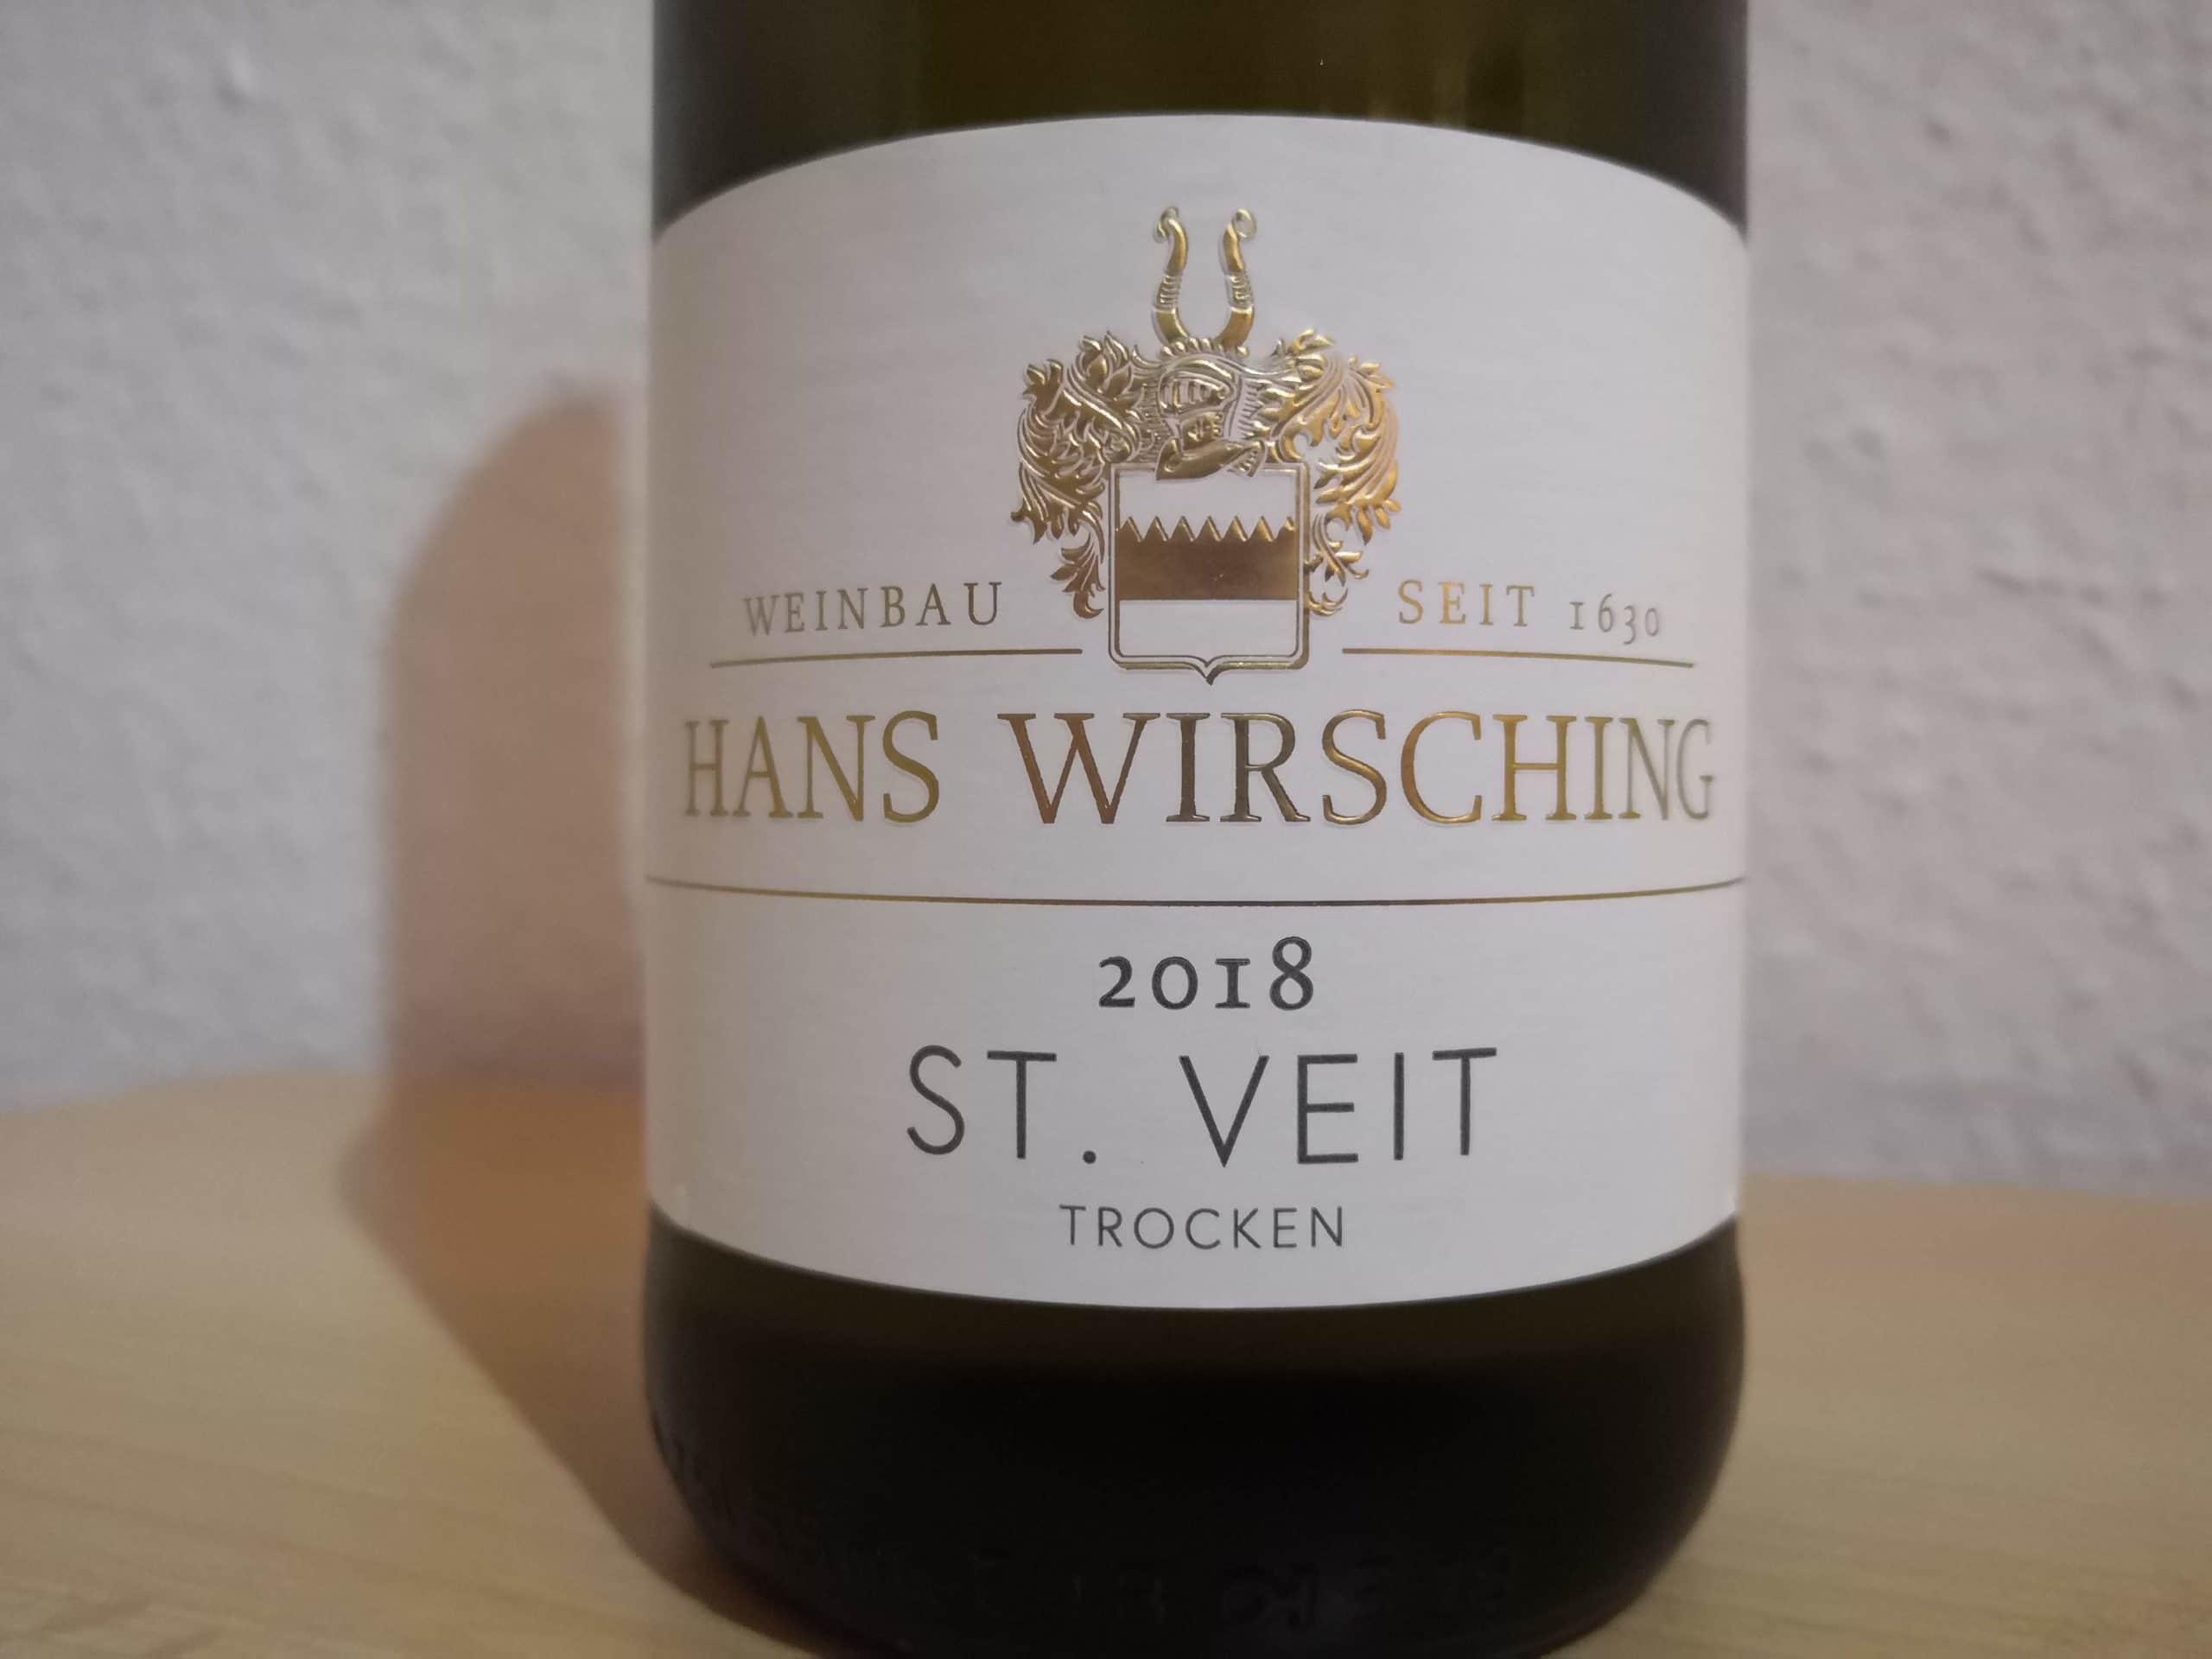 2018er St. Veit trocken vom Weingut Hans Wirsching